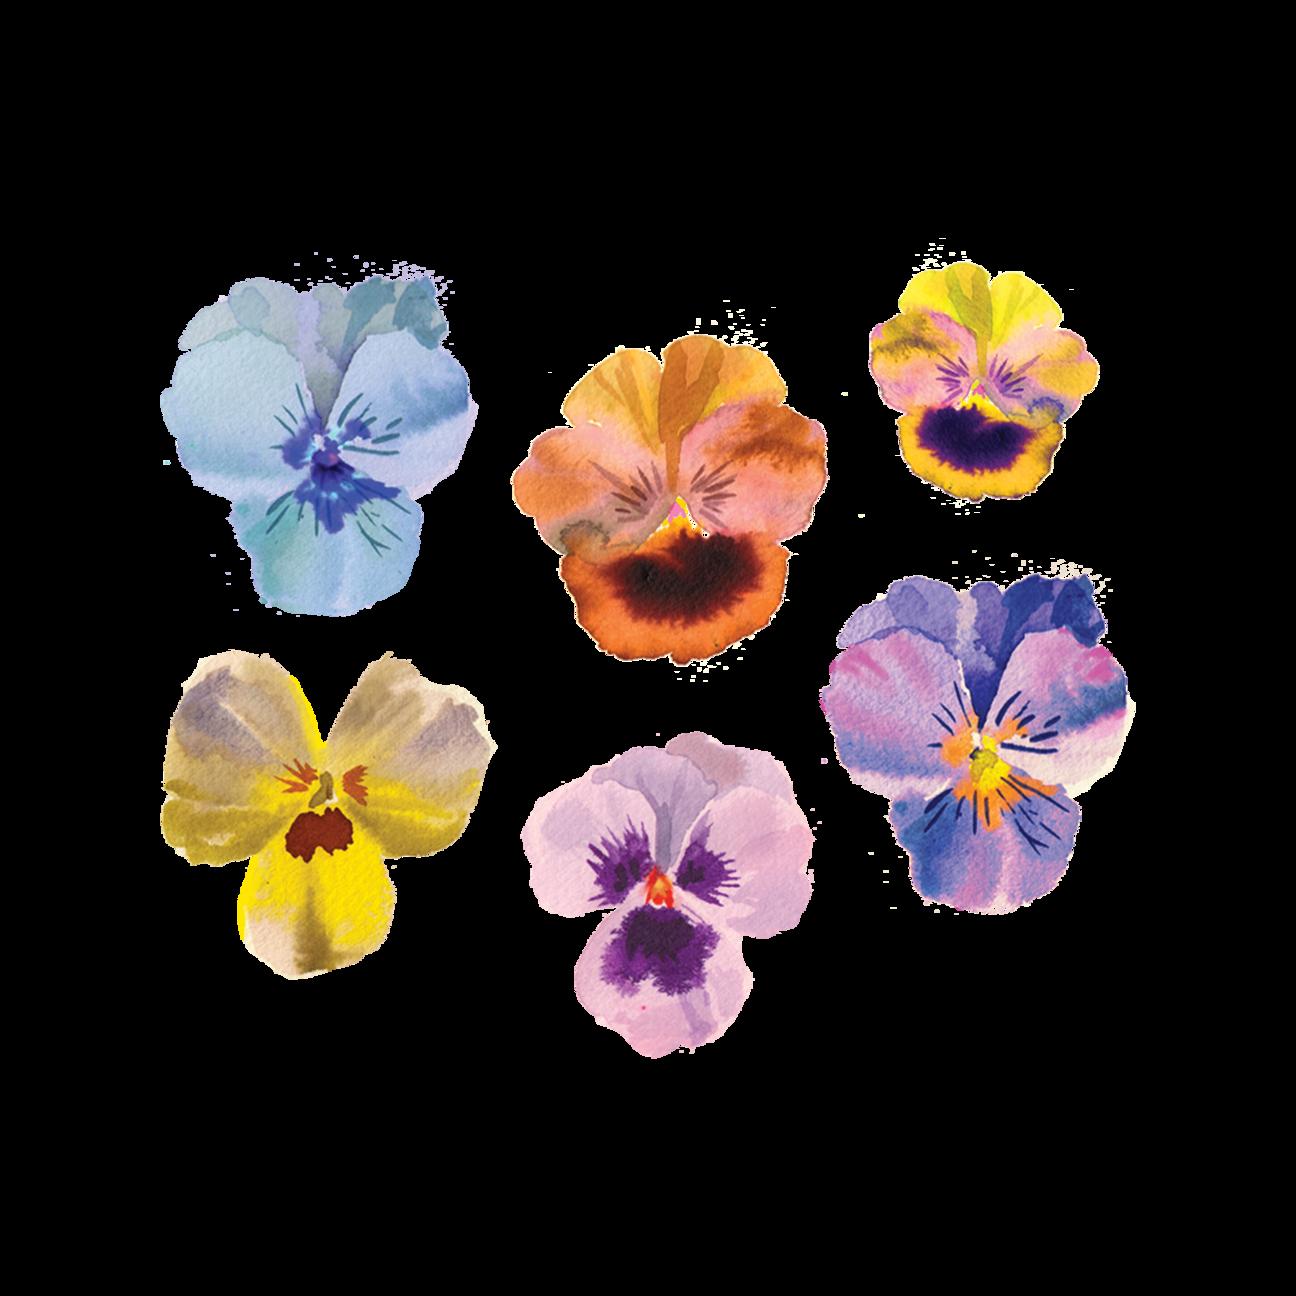 Pansies In 2020 Watercolor Tattoo Flower Pansies Flower Tattoos